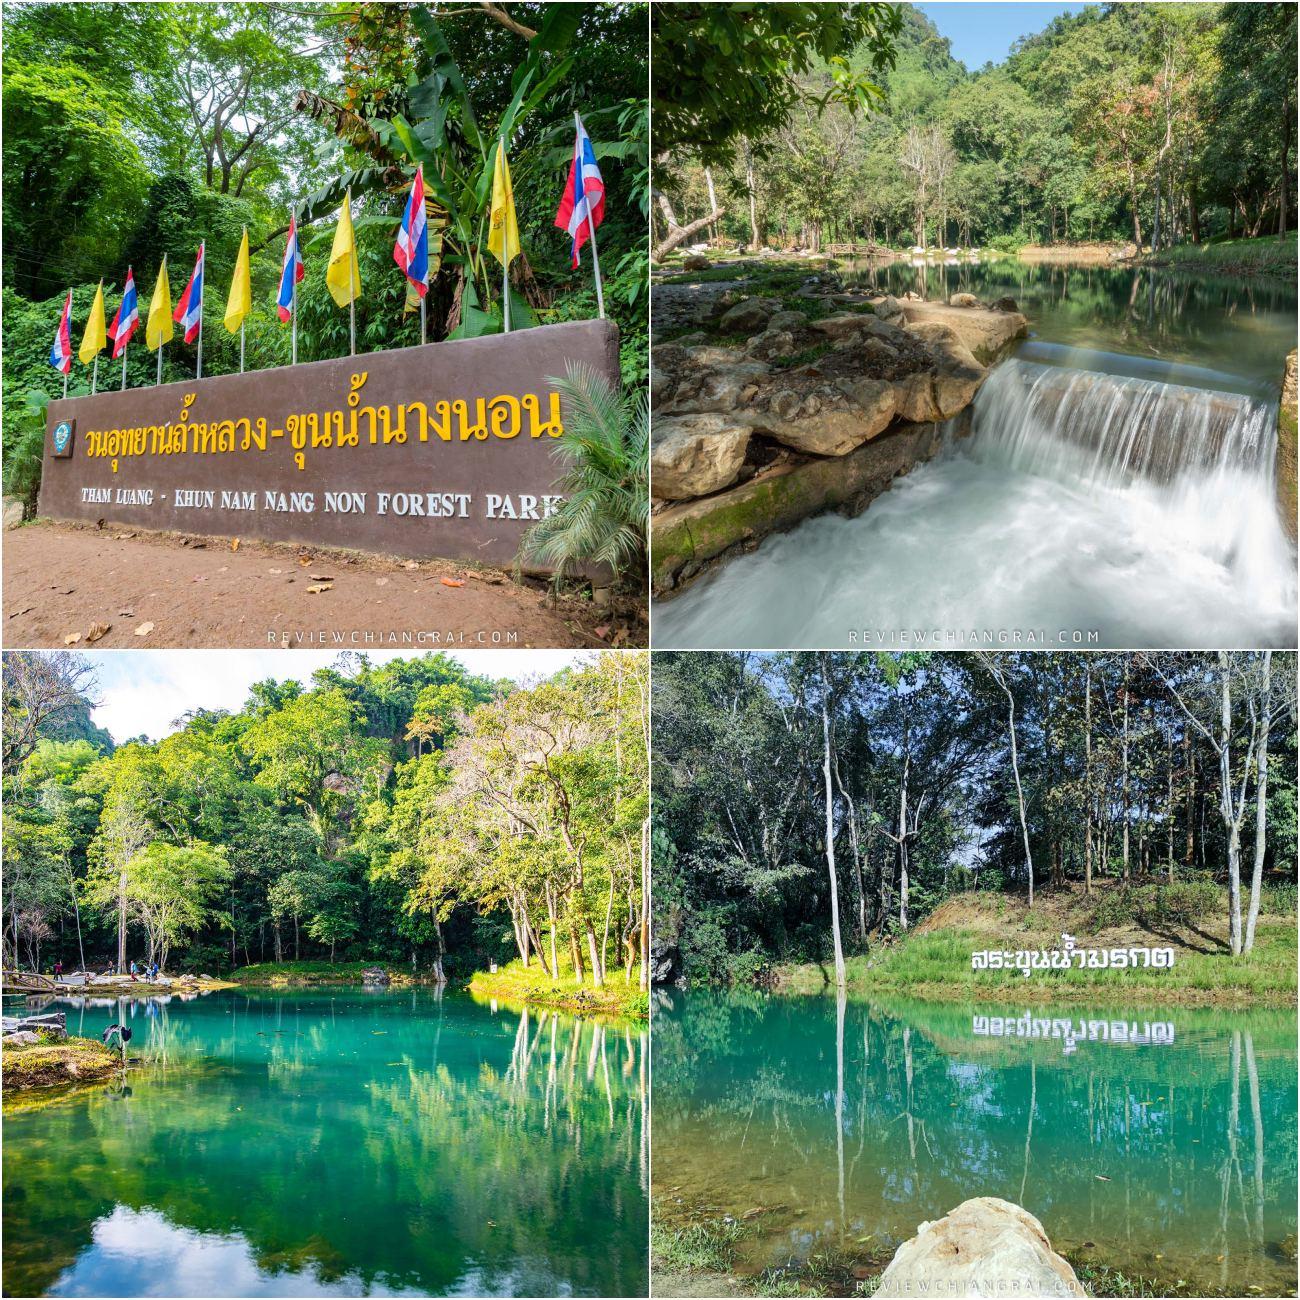 น้ำนางนอน ชมแหล่งน้ำธรรมชาติสีเขียว วิวสวยมวากกก และยังมีถ้ำหลวงที่มีความยาวมากที่สุดในประเทศไทยอีกด้วย